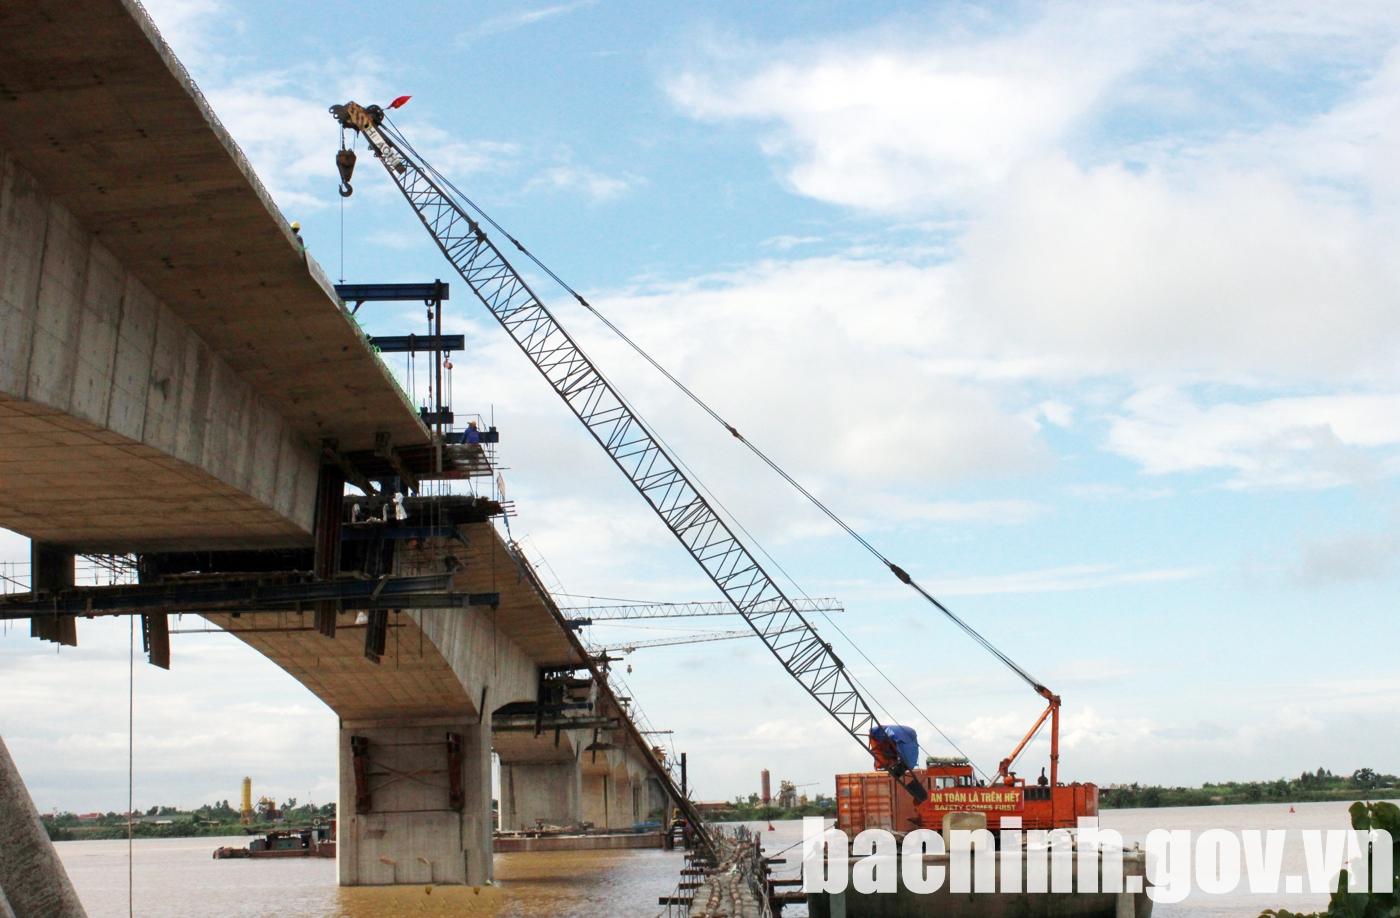 Gần 1.600 tỷ đồng xây cầu Kênh Vàng nối Bắc Ninh – Hải Dương - Ảnh 1.